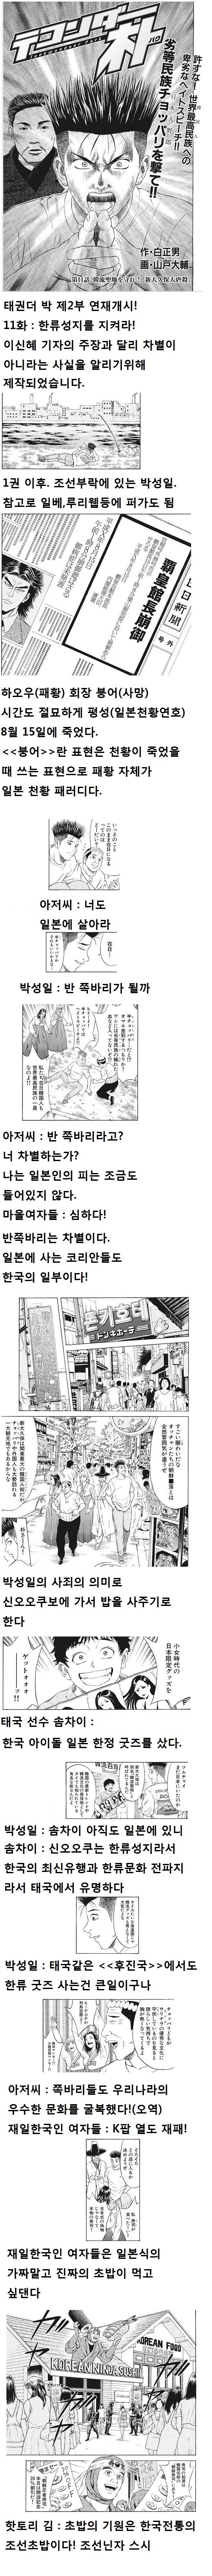 태권더 박 11~12화 감상 요약